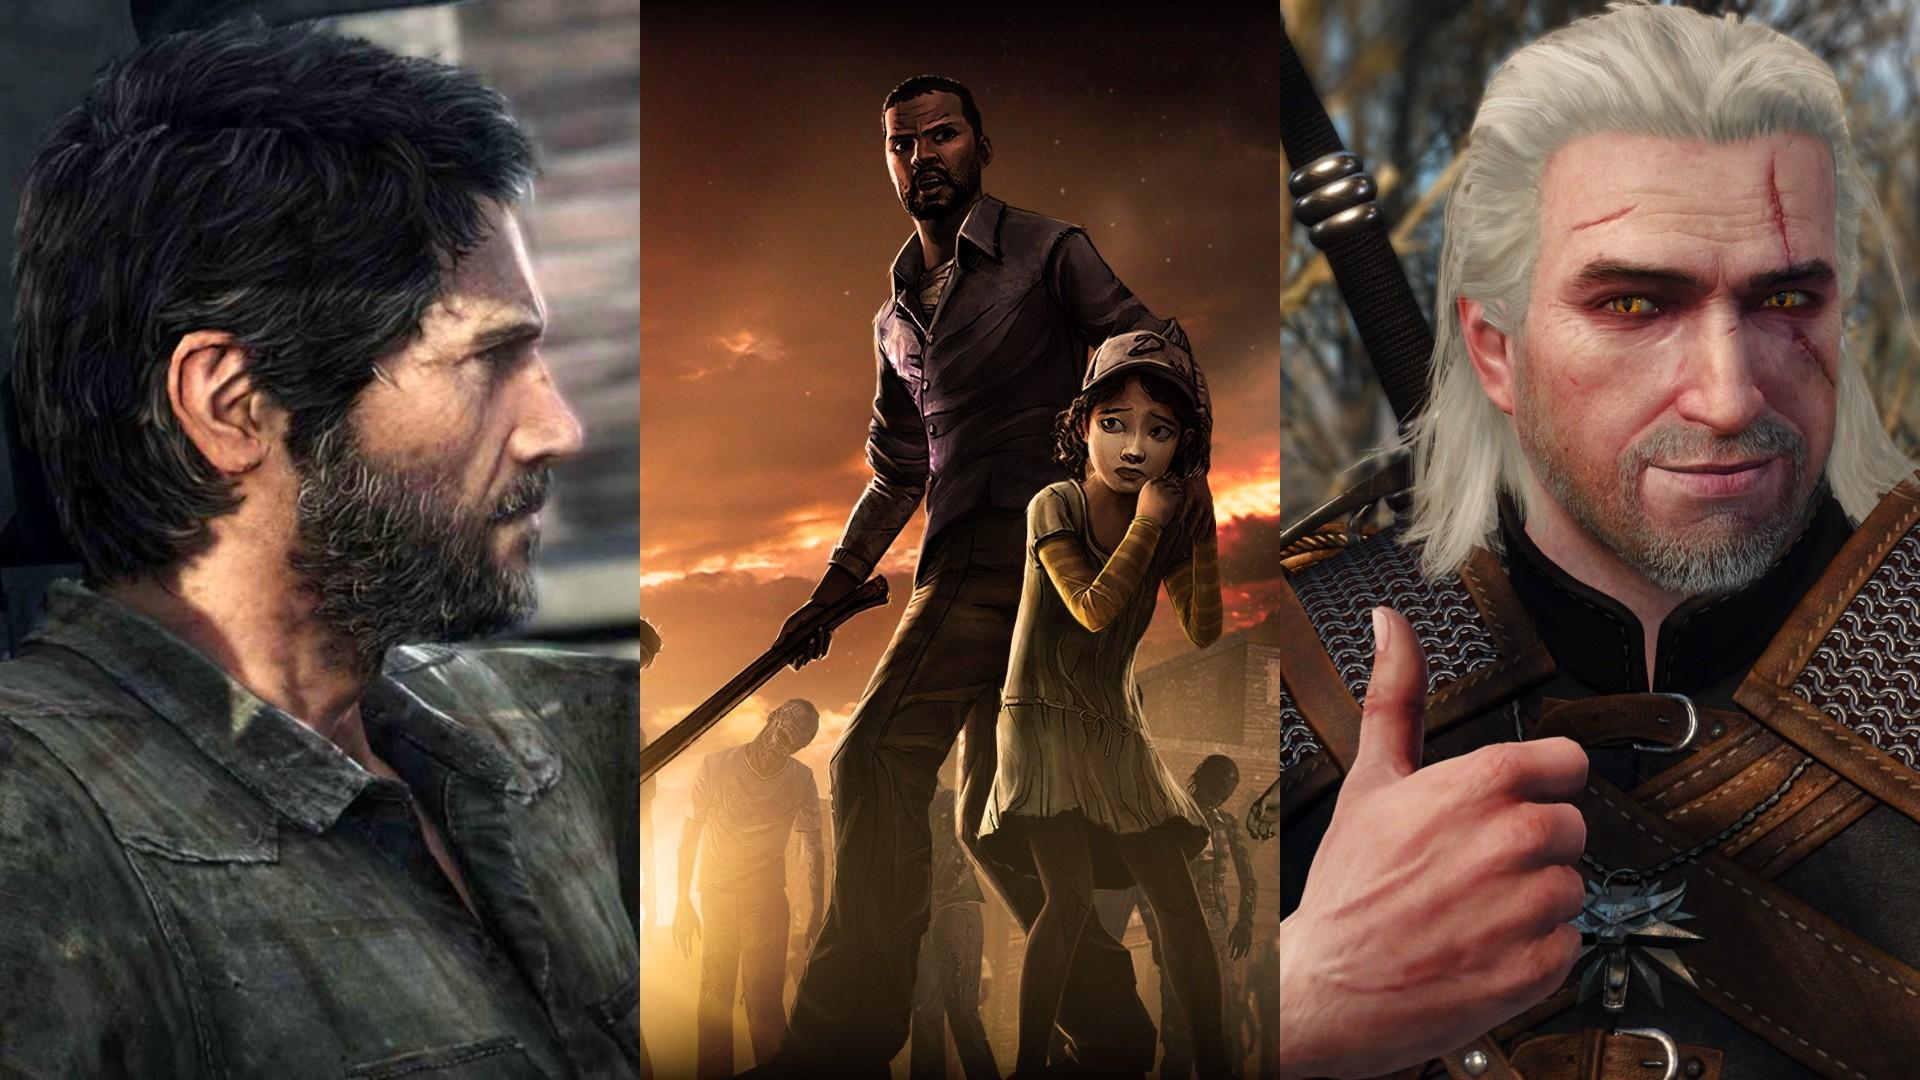 Dikkat bağımlılık yapar: En iyi çevrimdışı 20 oyun Oyun tutkunları için çevrimdışı oyunlar olmazsa olmazdır. Bağımlılık yapacak en iyi çevrimdışı hikayeli...